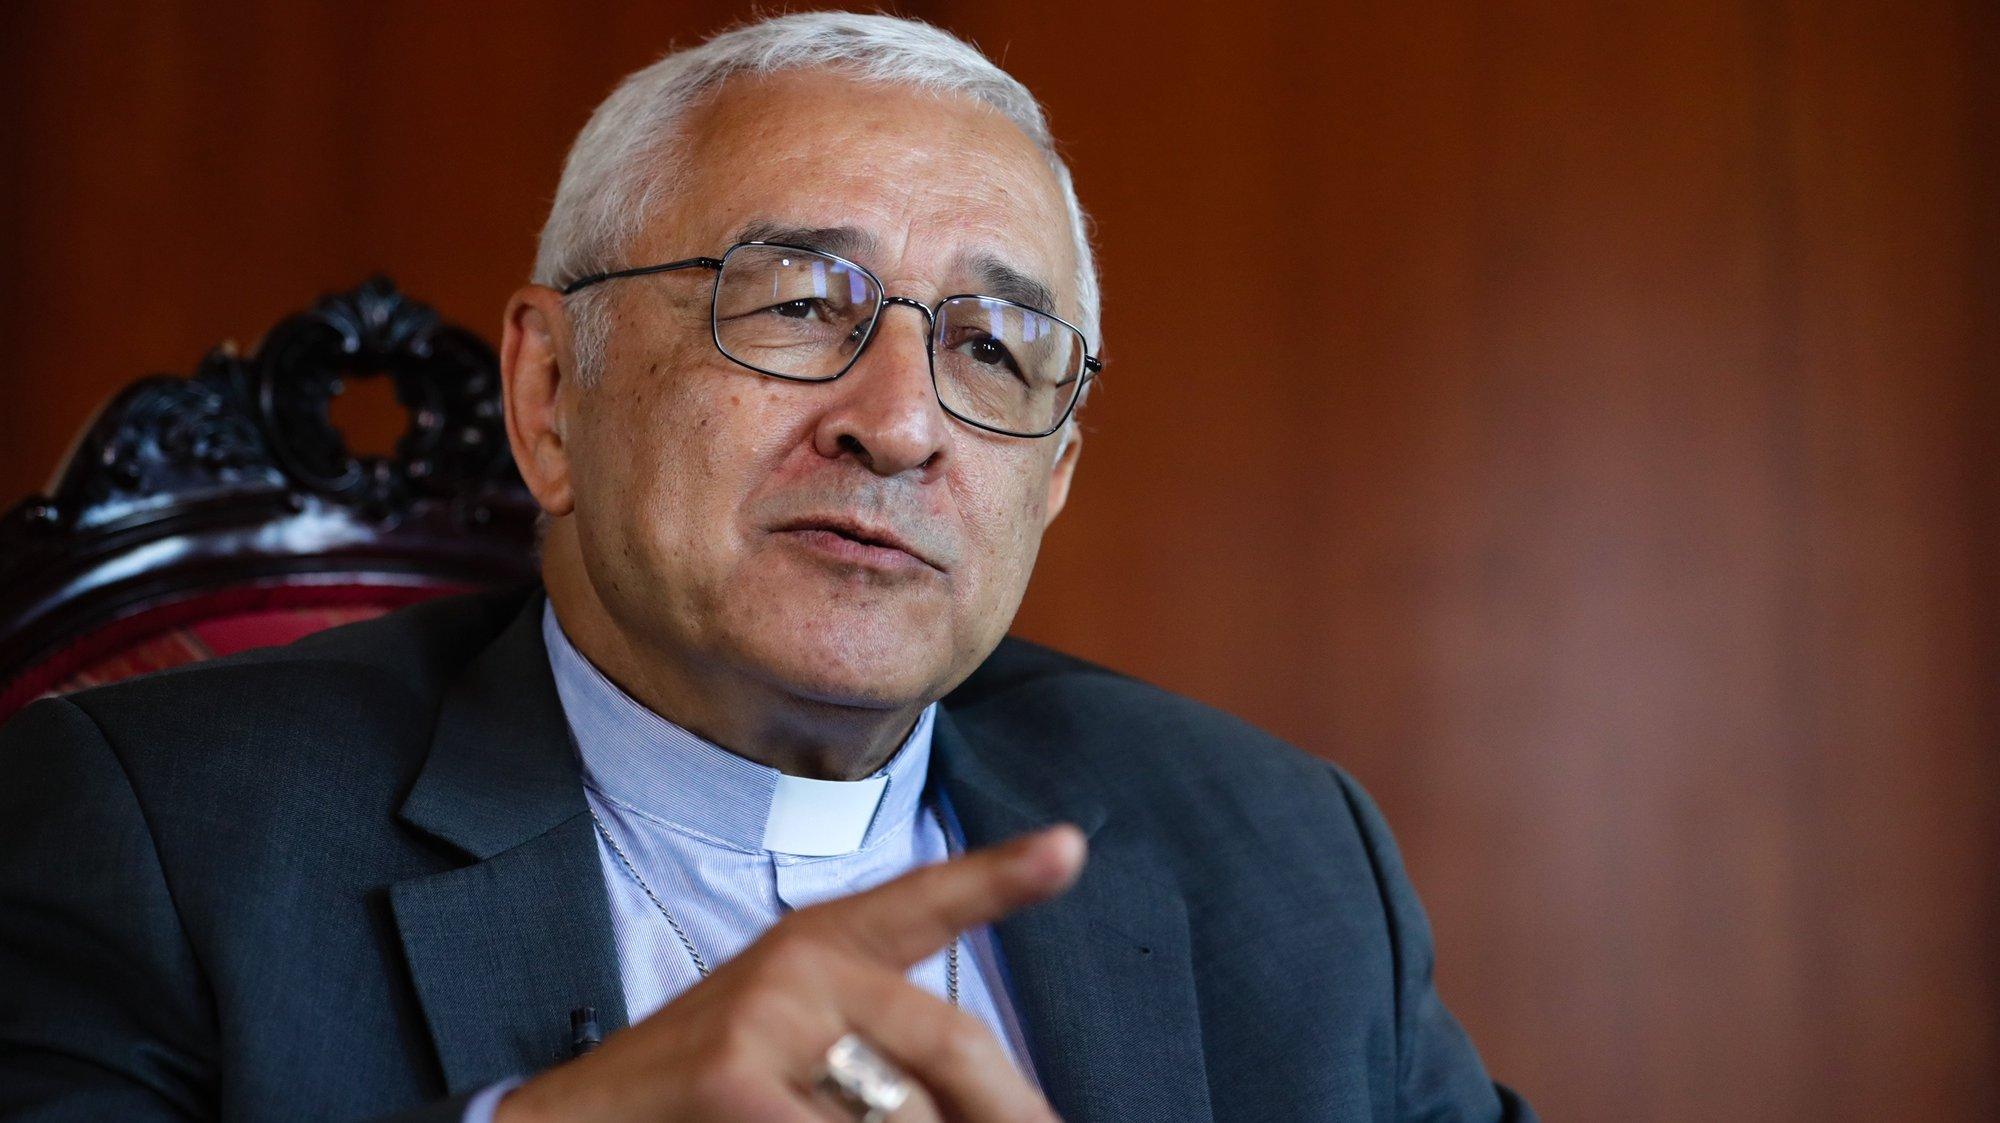 O novo presidente da Conferência Episcopal Portuguesa e bispo de Setúbal, José Ornelas Carvalho, fala durante uma entrevista à agência Lusa, em Almada, 19 de junho de 2020. (ACOMPANHA TEXTO DA LUSA DE 20 DE JUNHO DE 2020). TIAGO PETINGA/LUSA